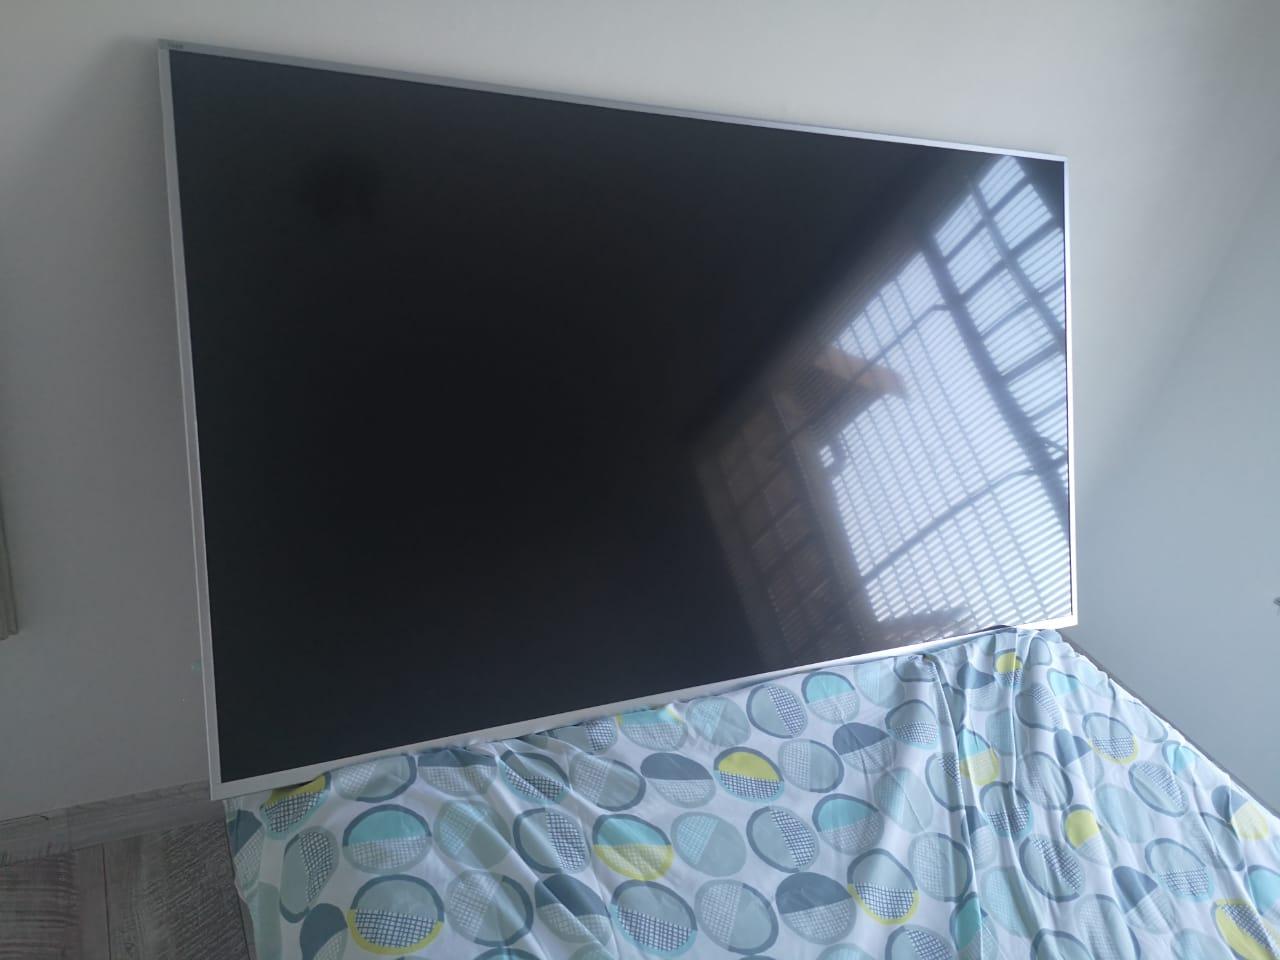 """70"""" hisence uled 4k TV"""